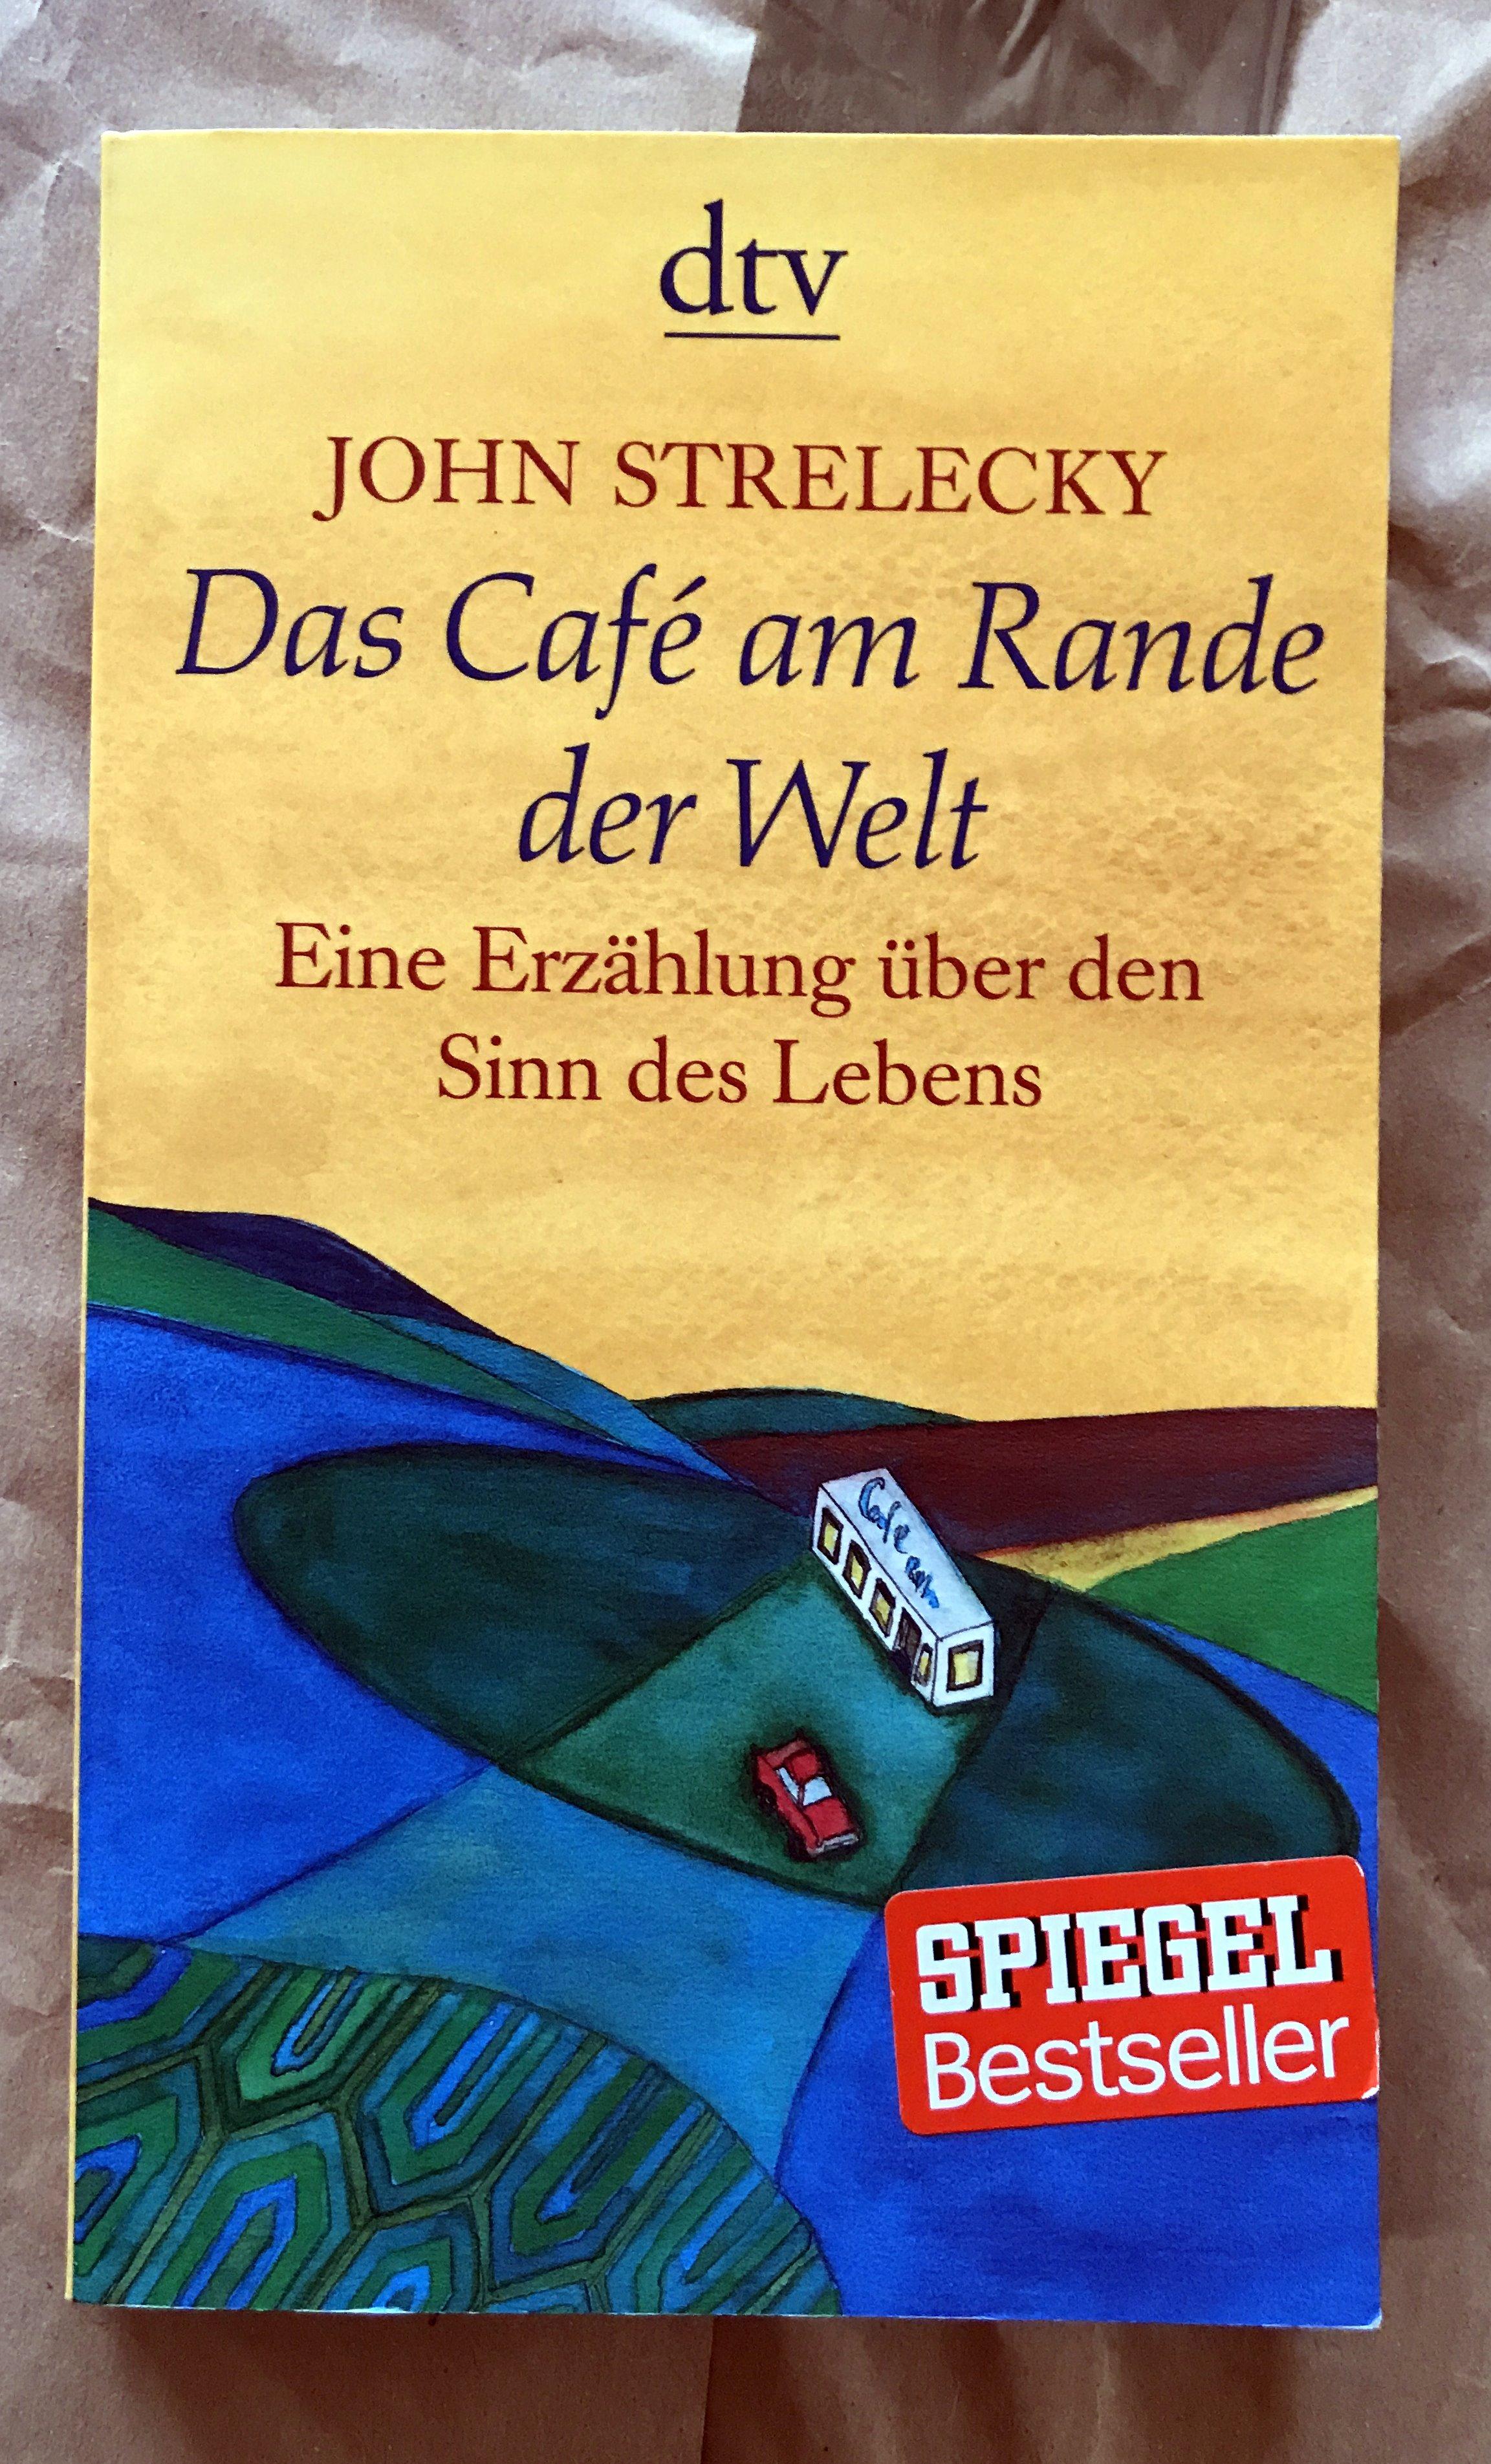 Das Café am Rande der Welt von John Strelecky